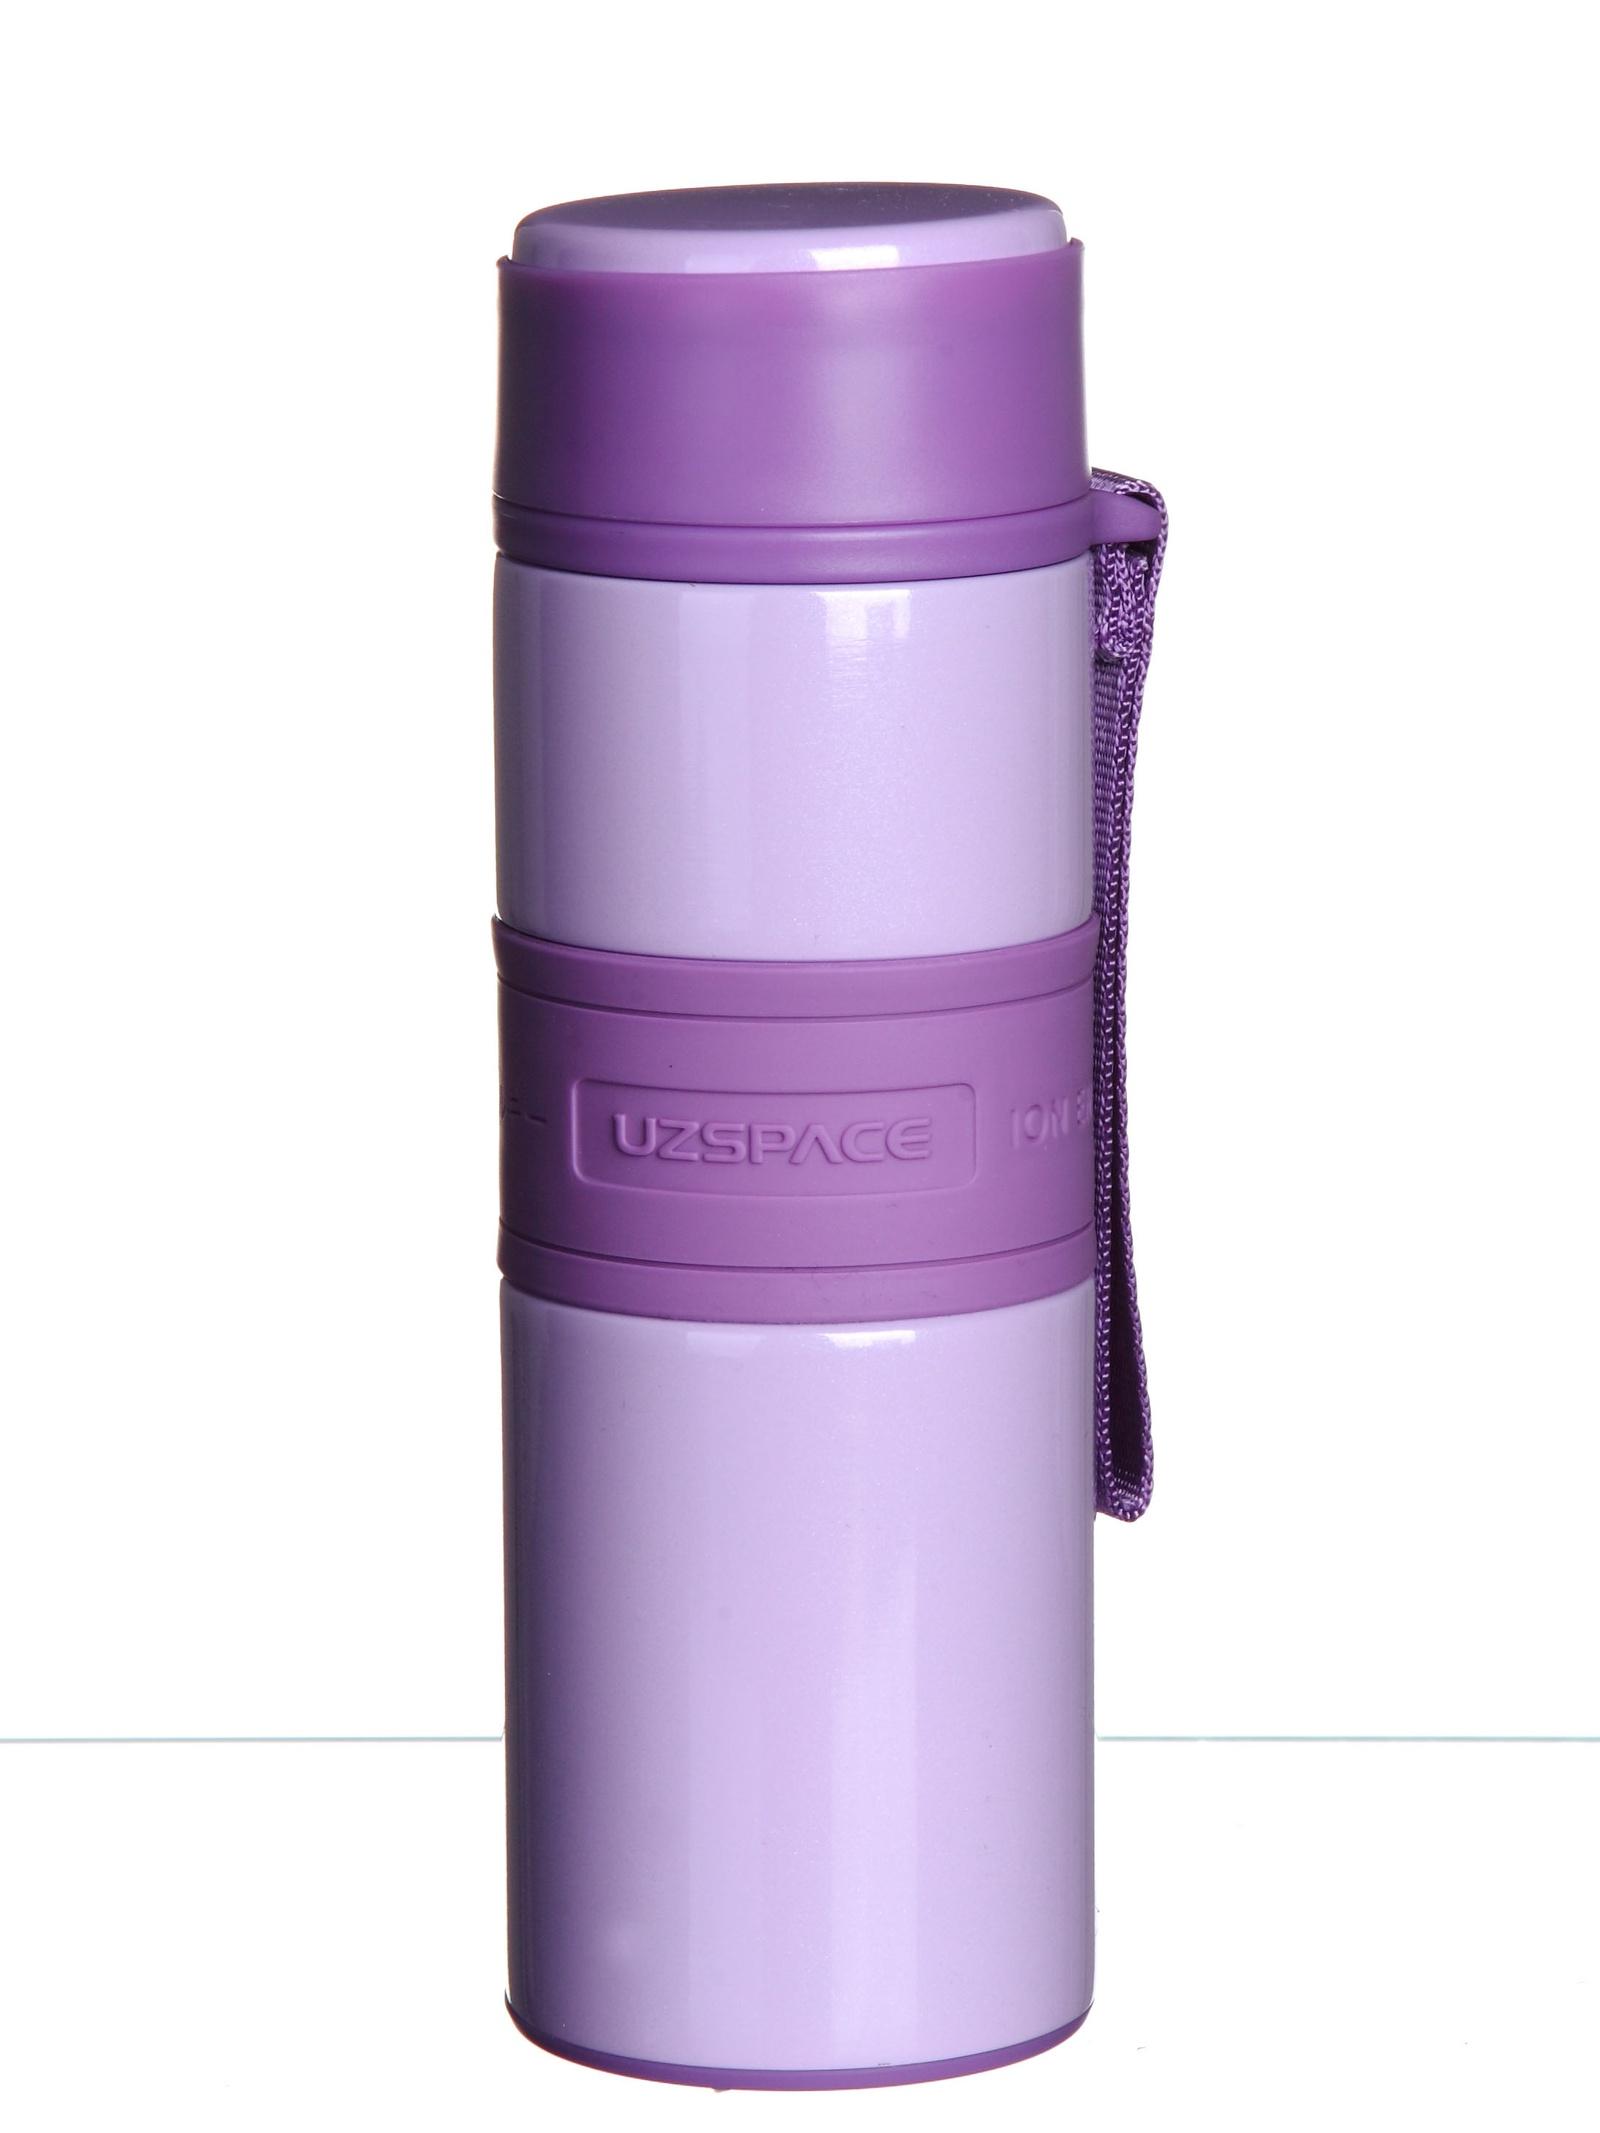 Термос Uzspace, 4060, фиолетовый, 220 мл